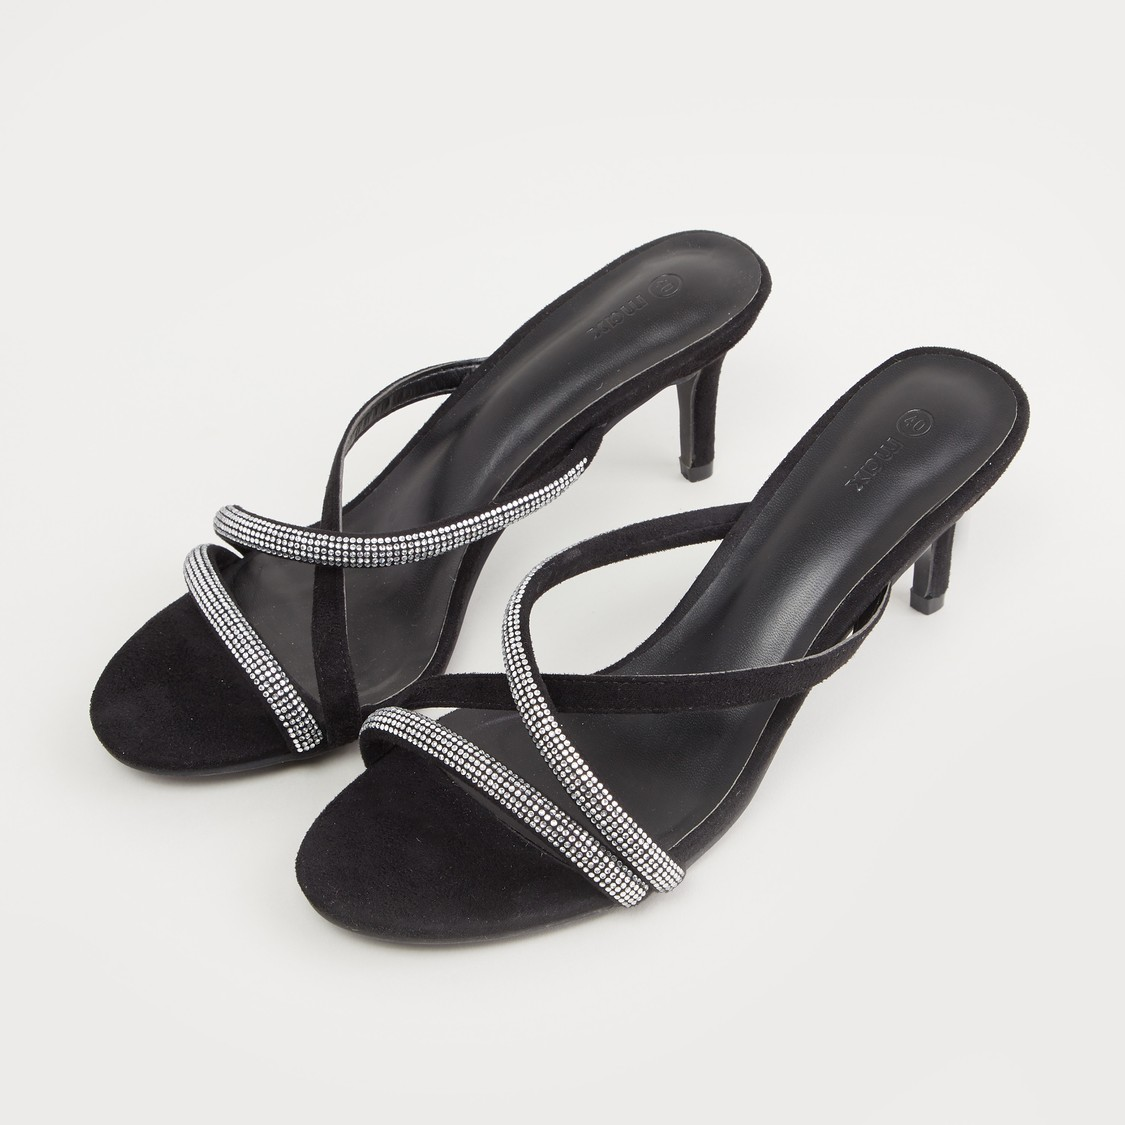 حذاء مرصع بأحزمة متعددة وكعب ستيليتو